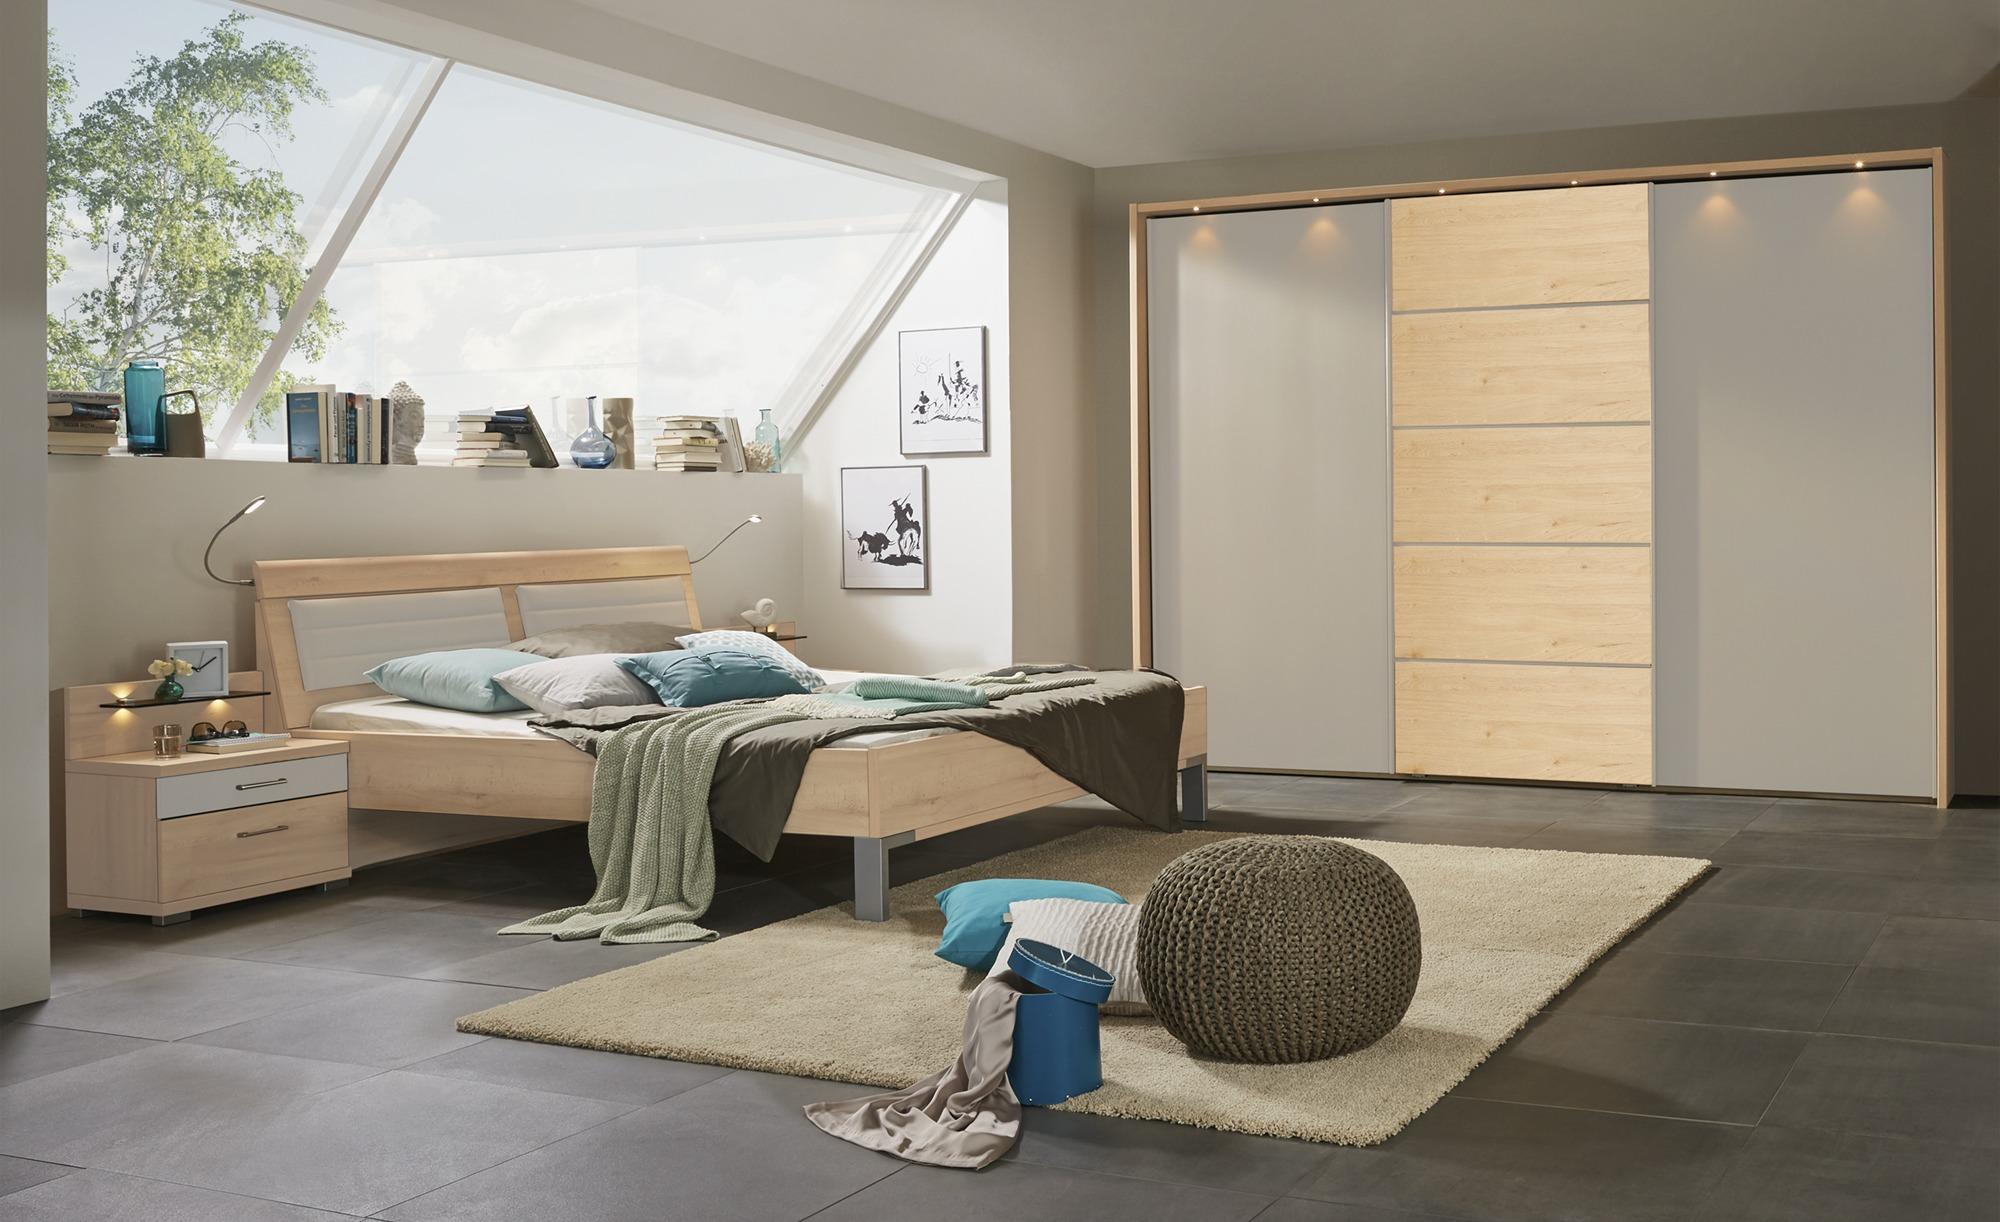 uno Komplett-Schlafzimmer 200-teilig Rügen 20, gefunden bei Möbel Höffner